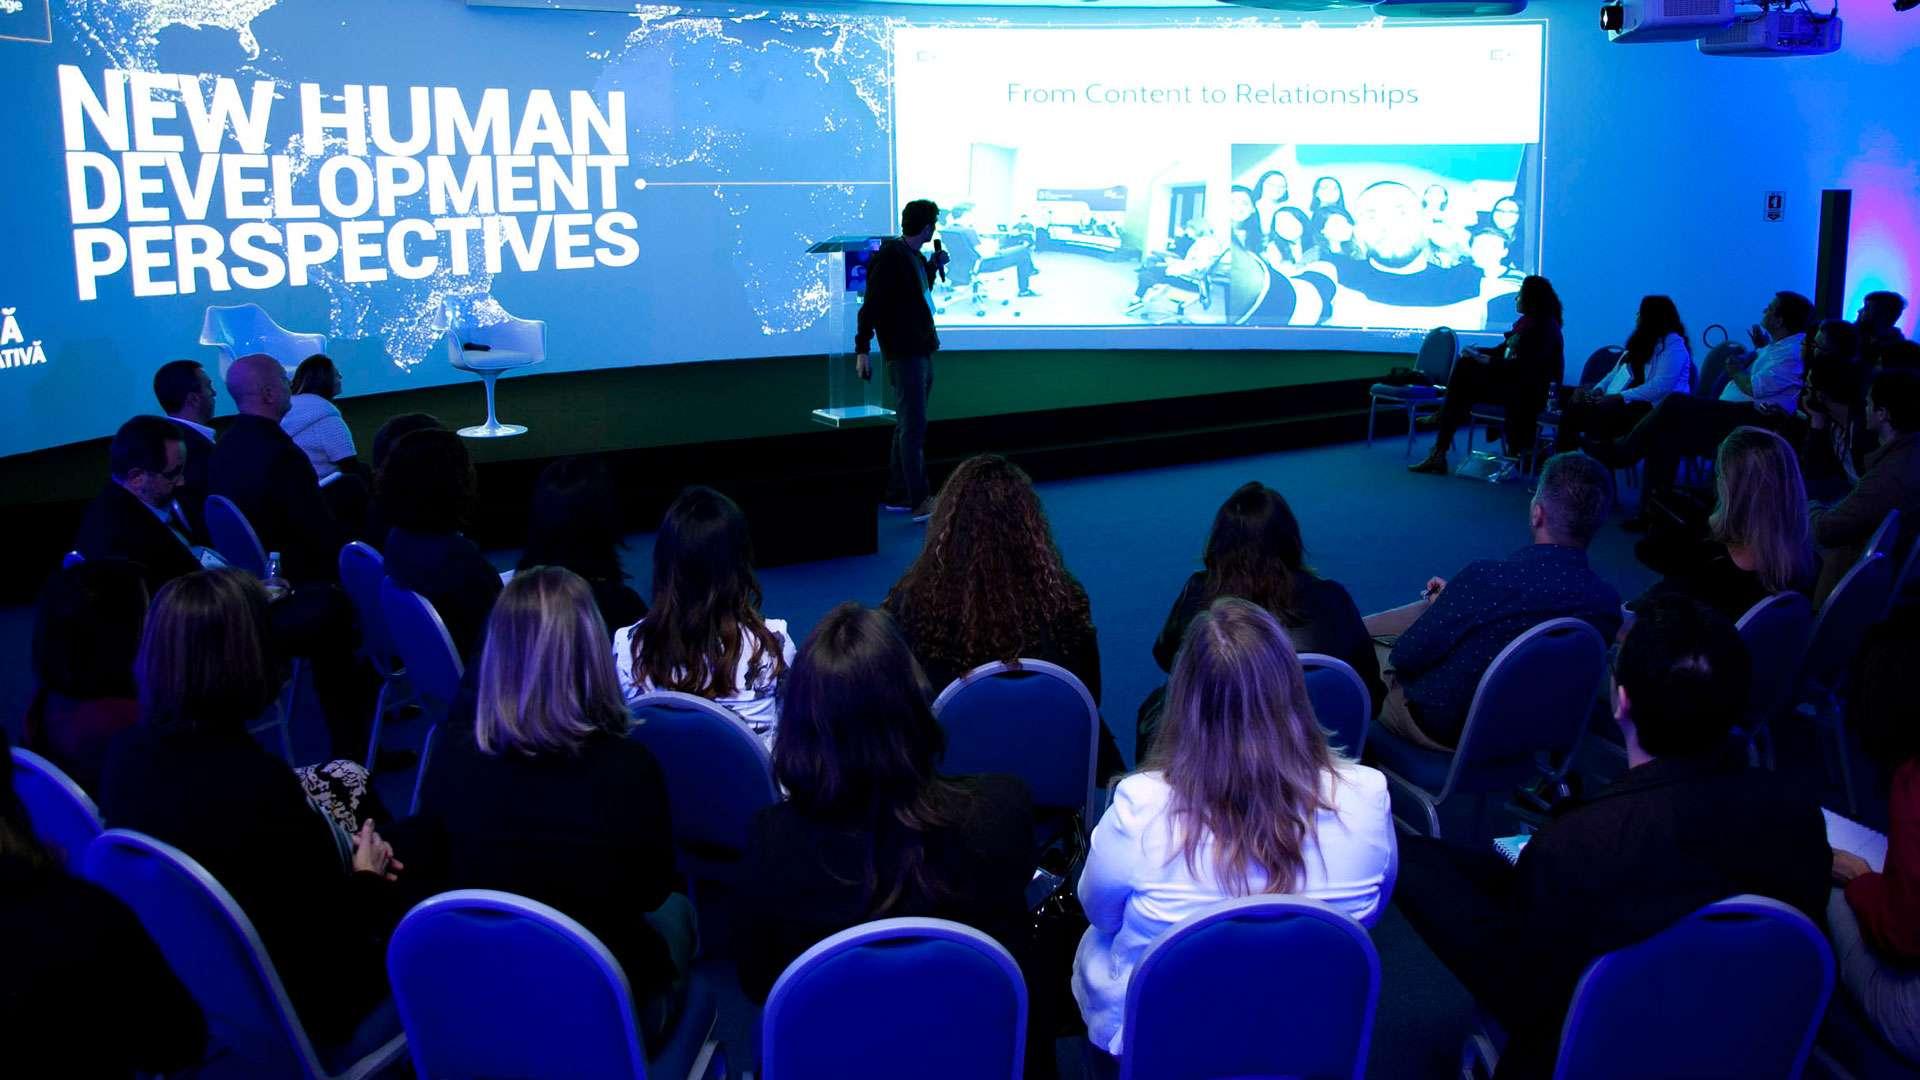 Fórum IBEX 2018 e soluções de desenvolvimento humano